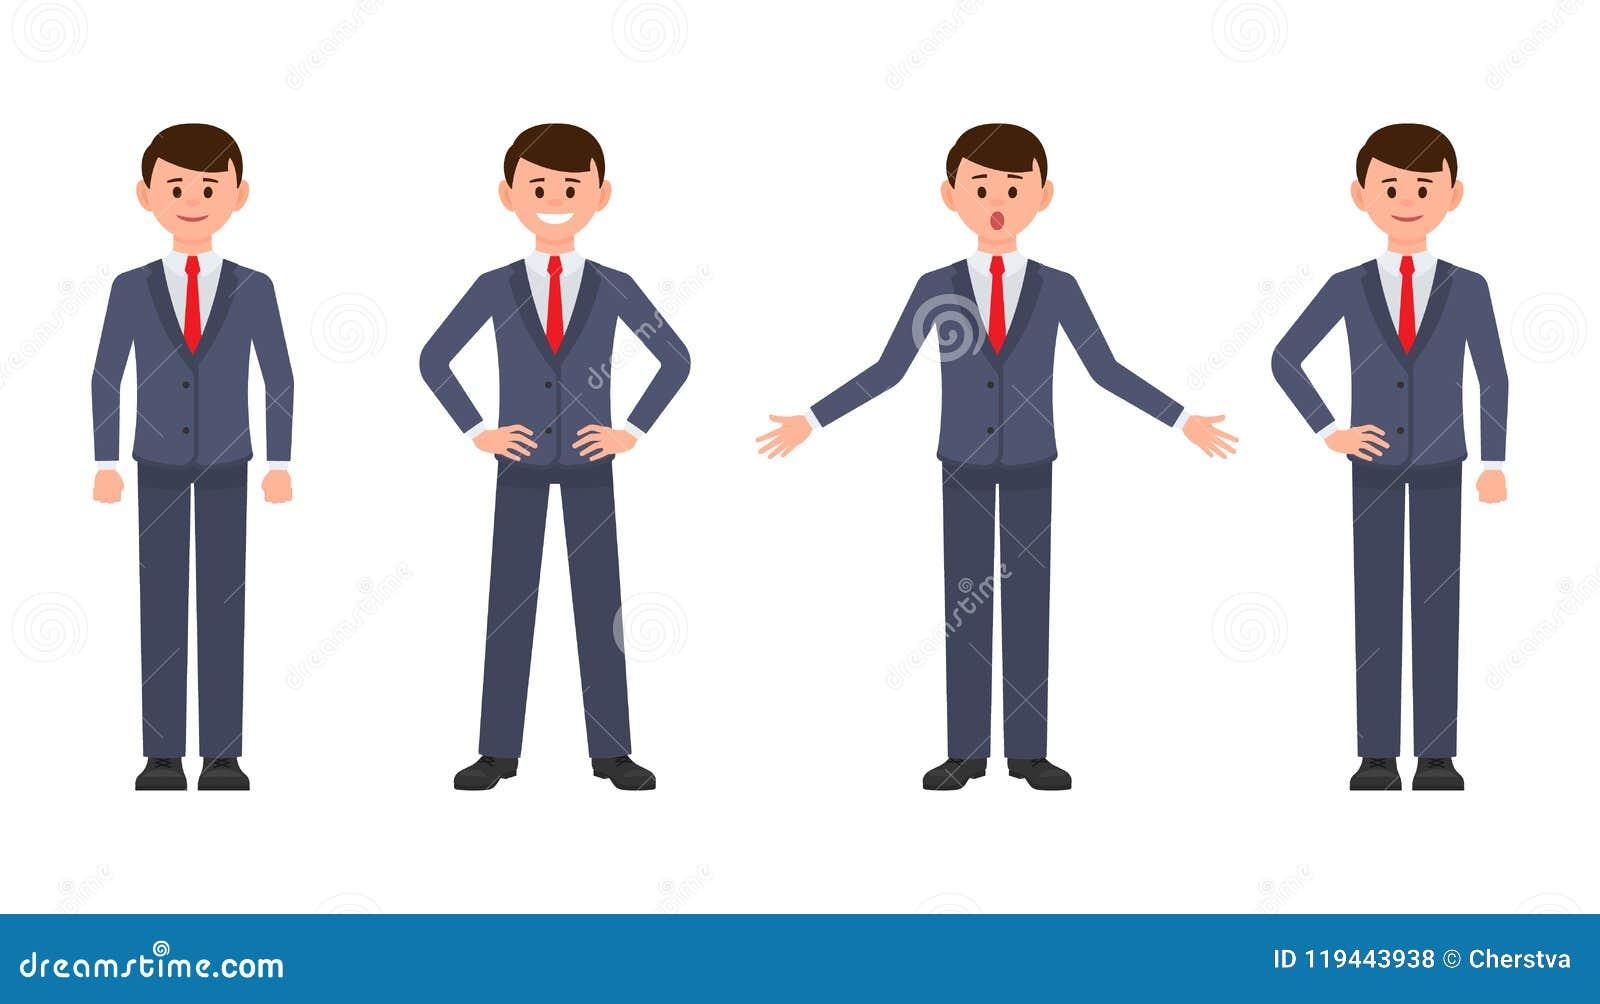 Молодой бизнесмен в персонаже из мультфильма синего костюма Vector иллюстрация умного мужского клерка в различных представлениях